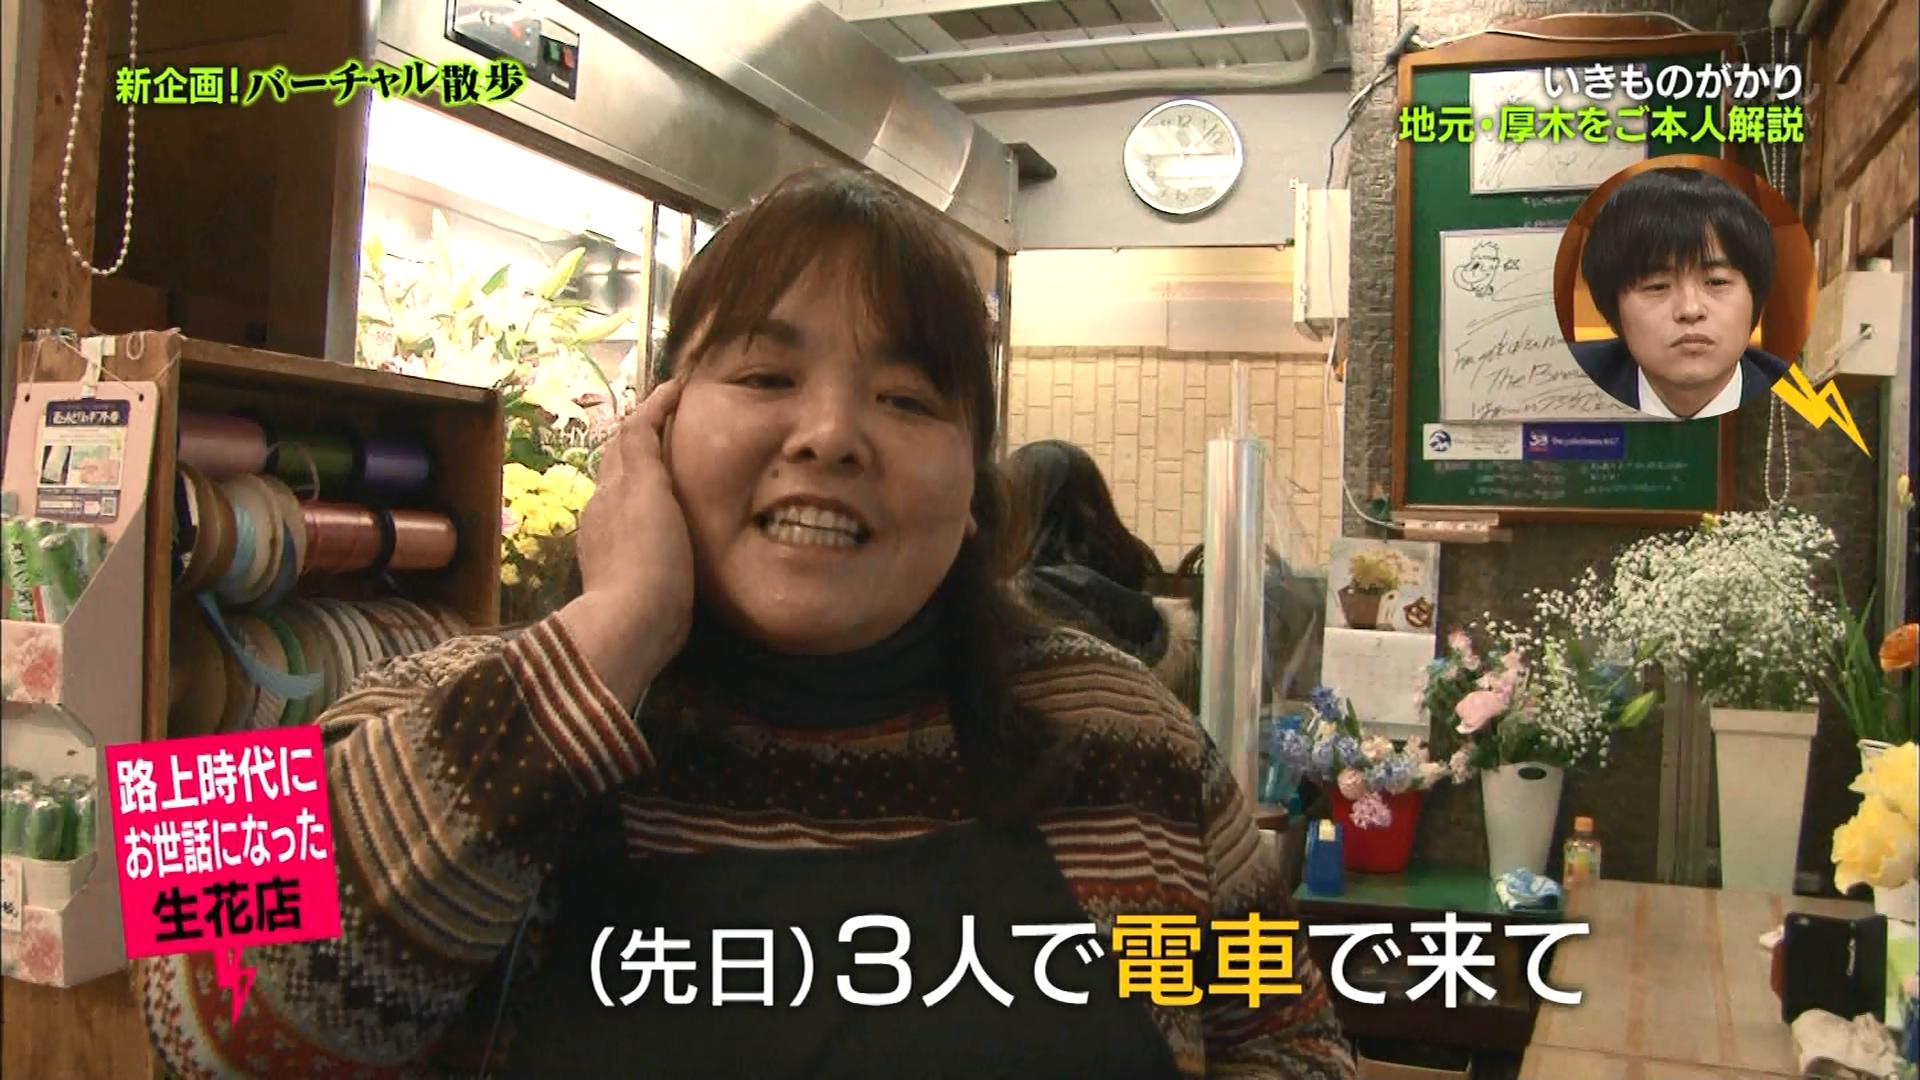 2016.03.11 全場(バズリズム).ts_20160312_025100.587